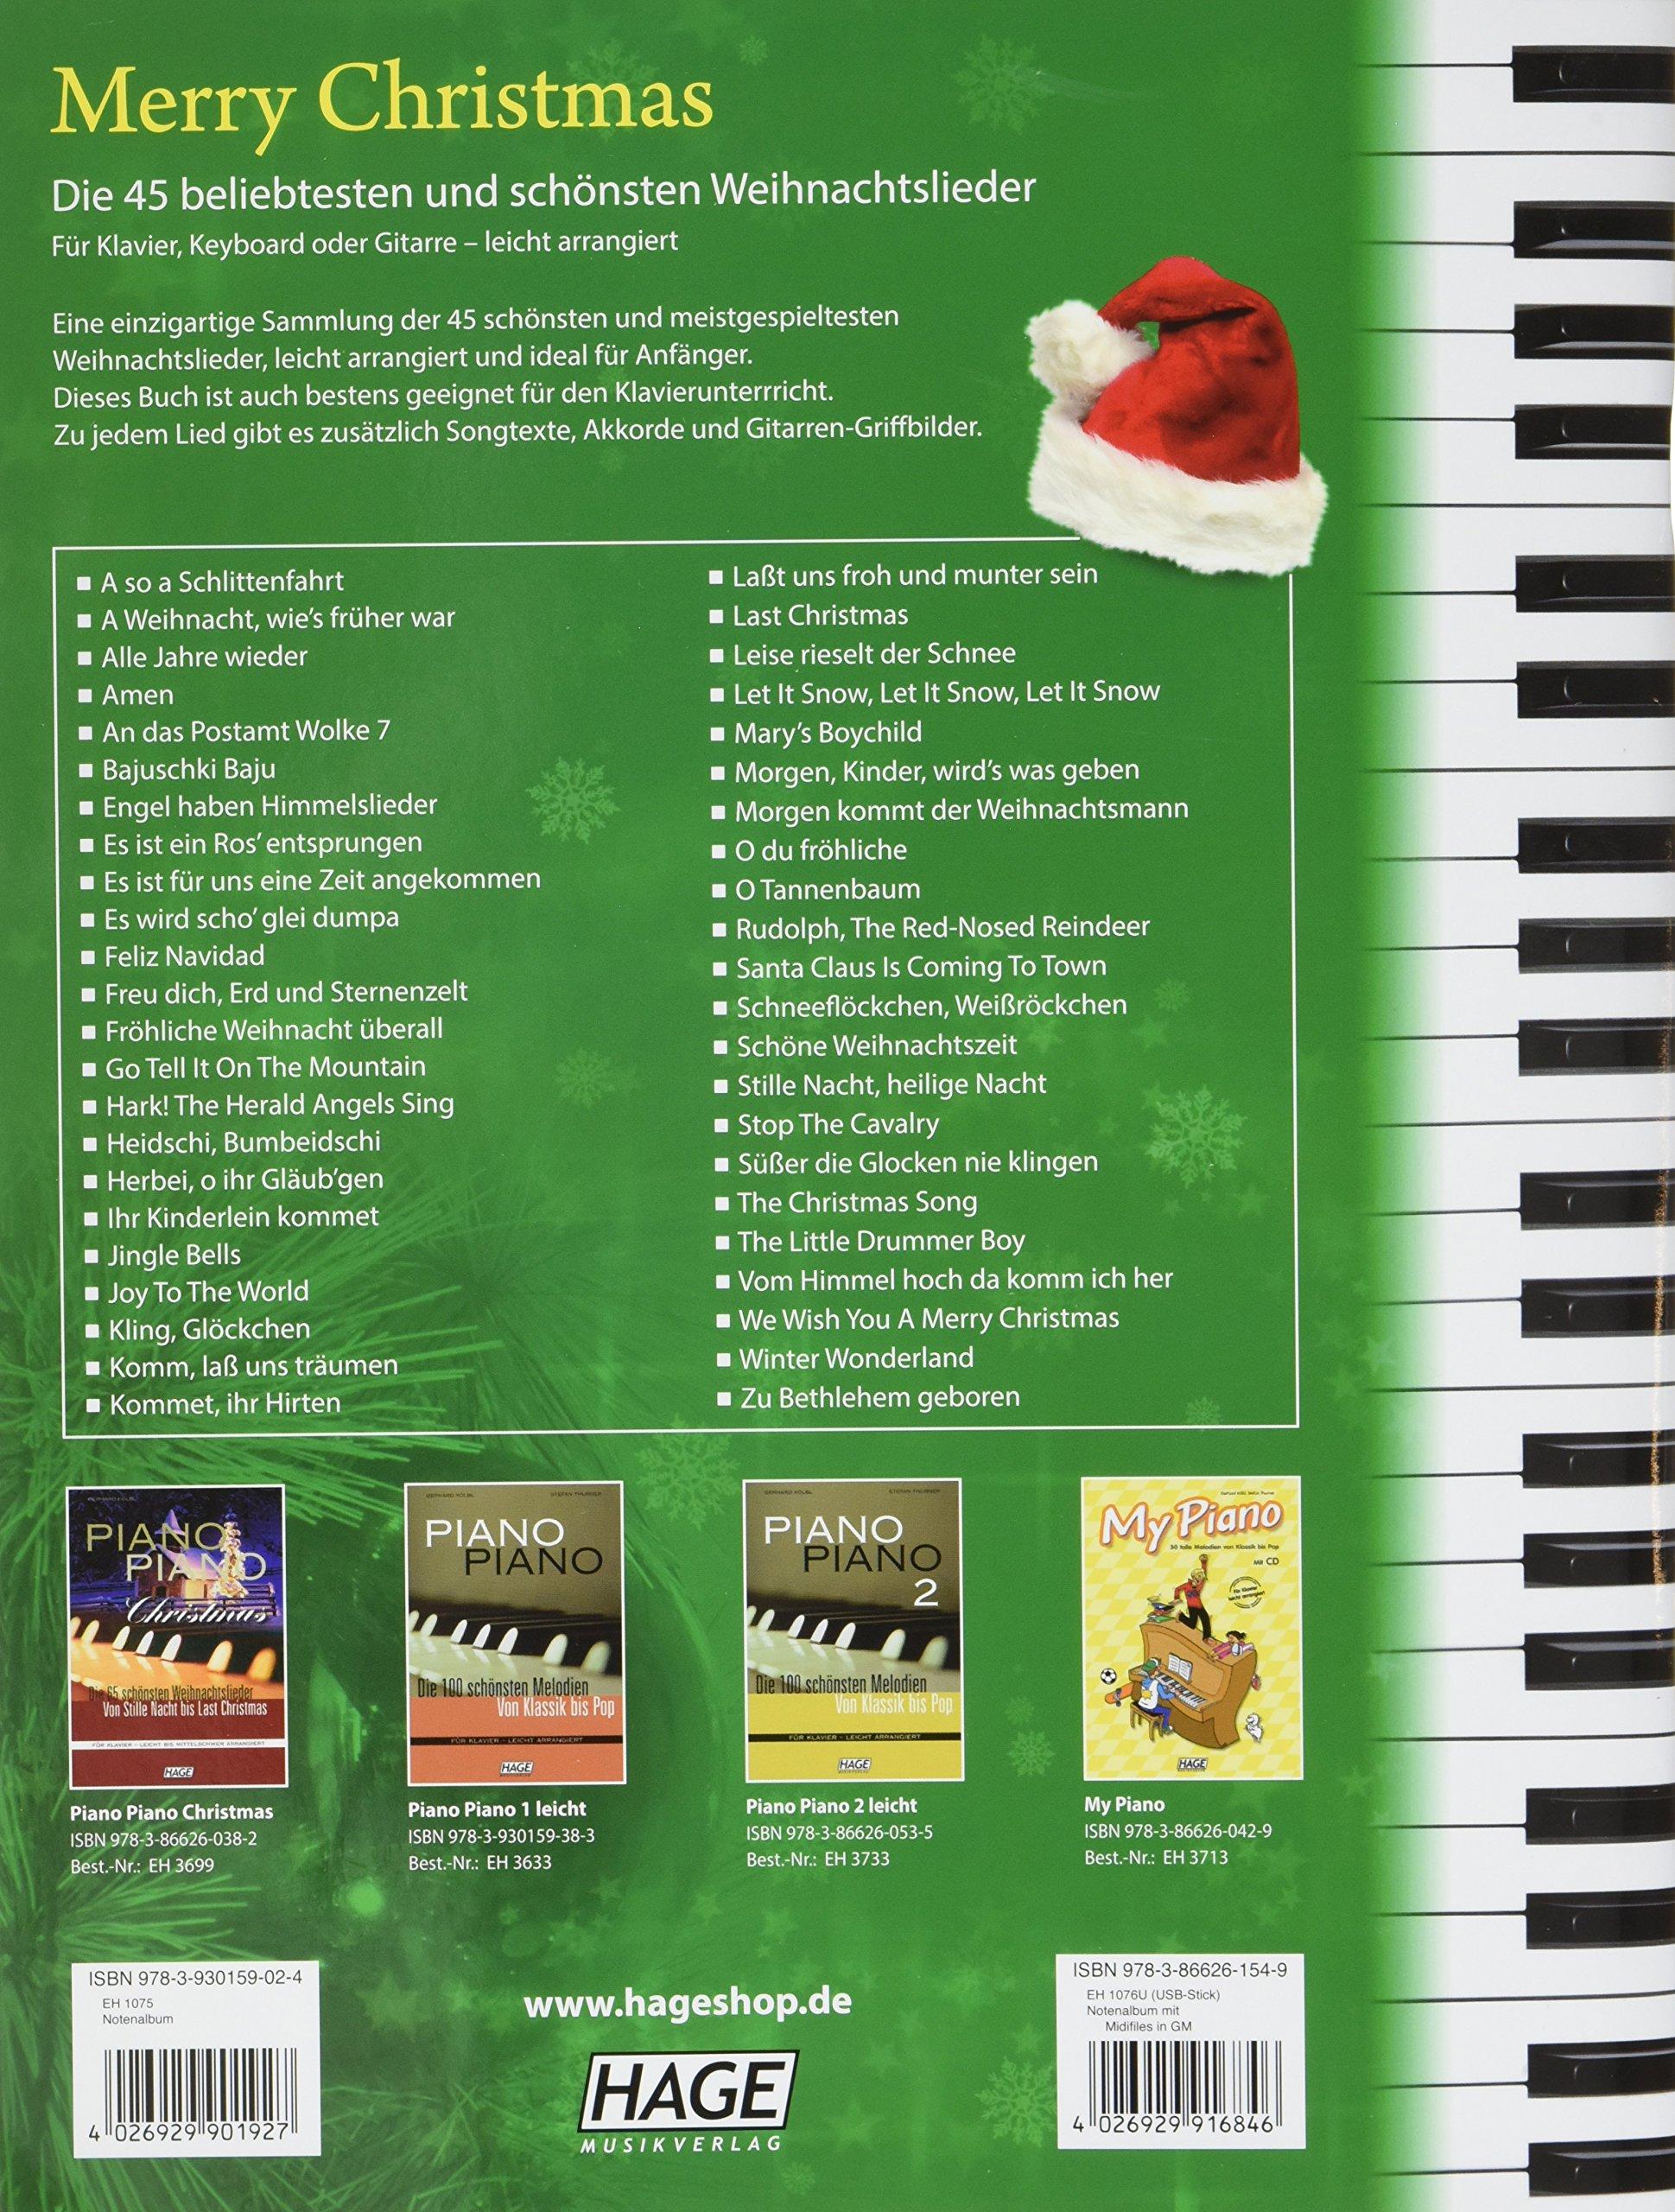 Merry Christmas für Klavier, Keyboard oder Gitarre: Die 45 ...